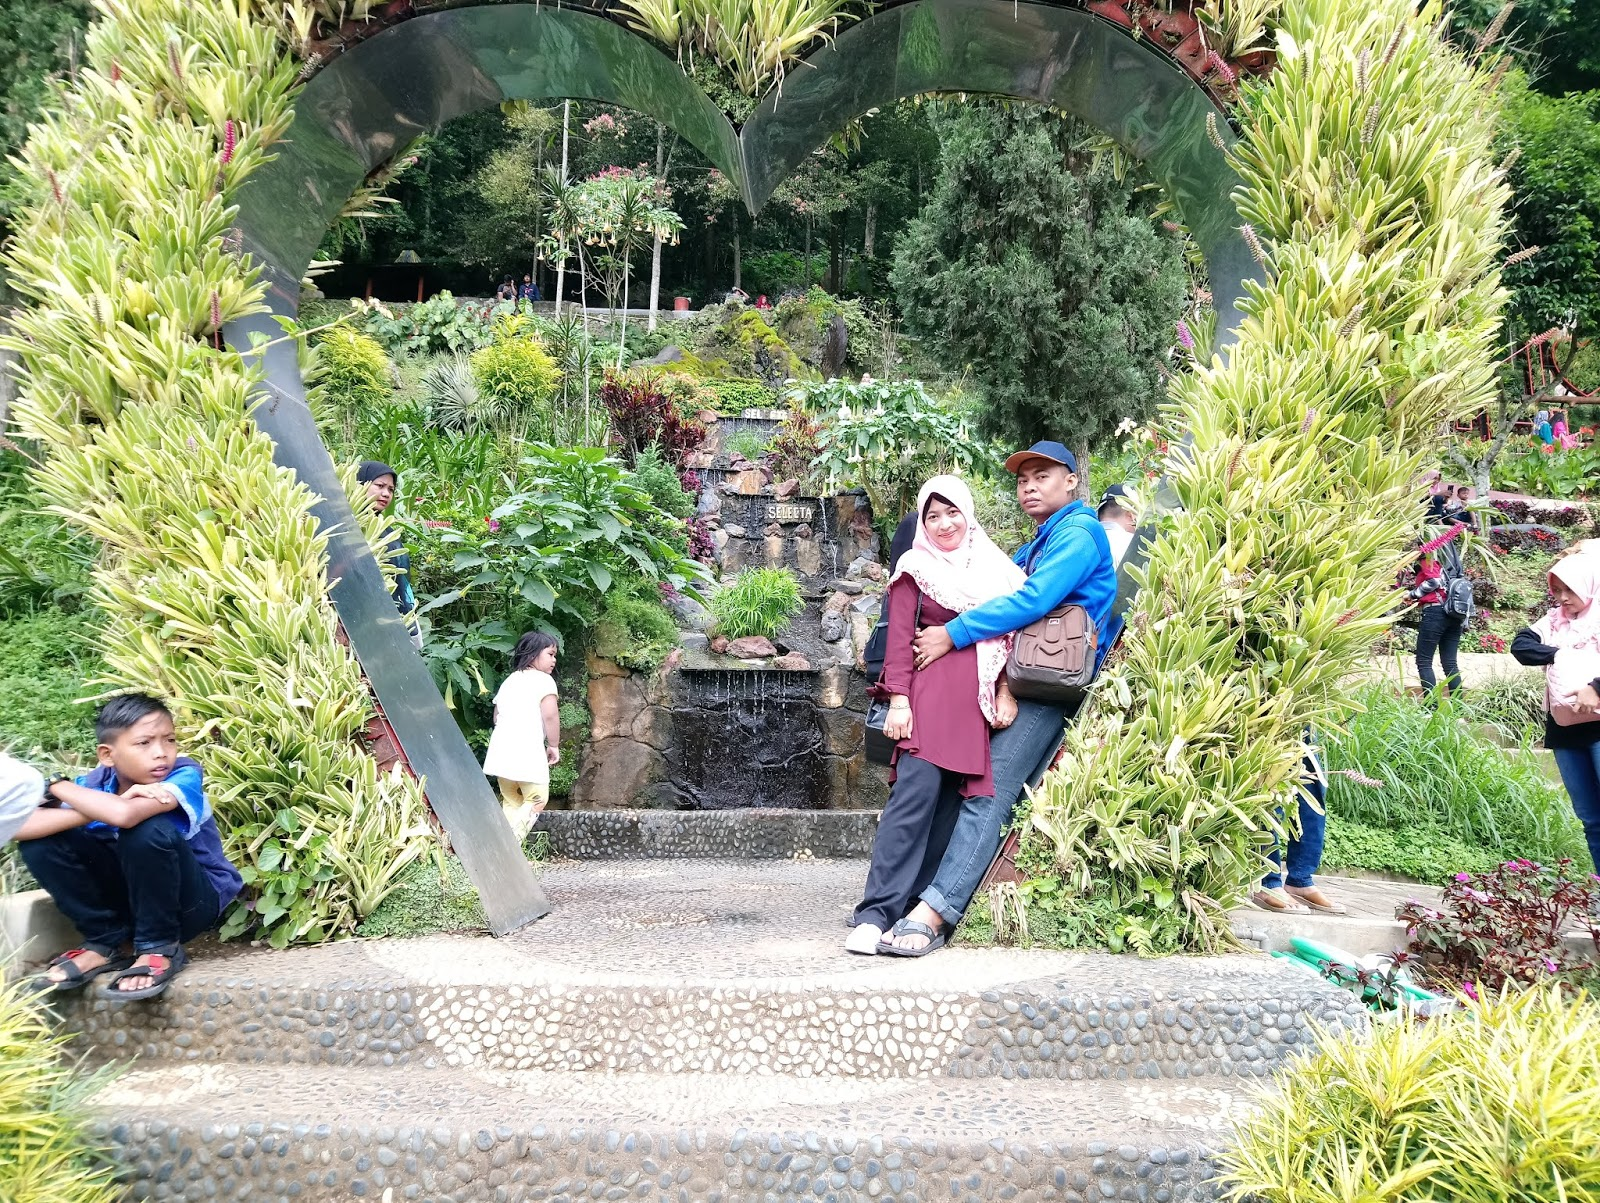 Lokasi Dan Harga Tiket Masuk Taman Bunga Selecta Malang